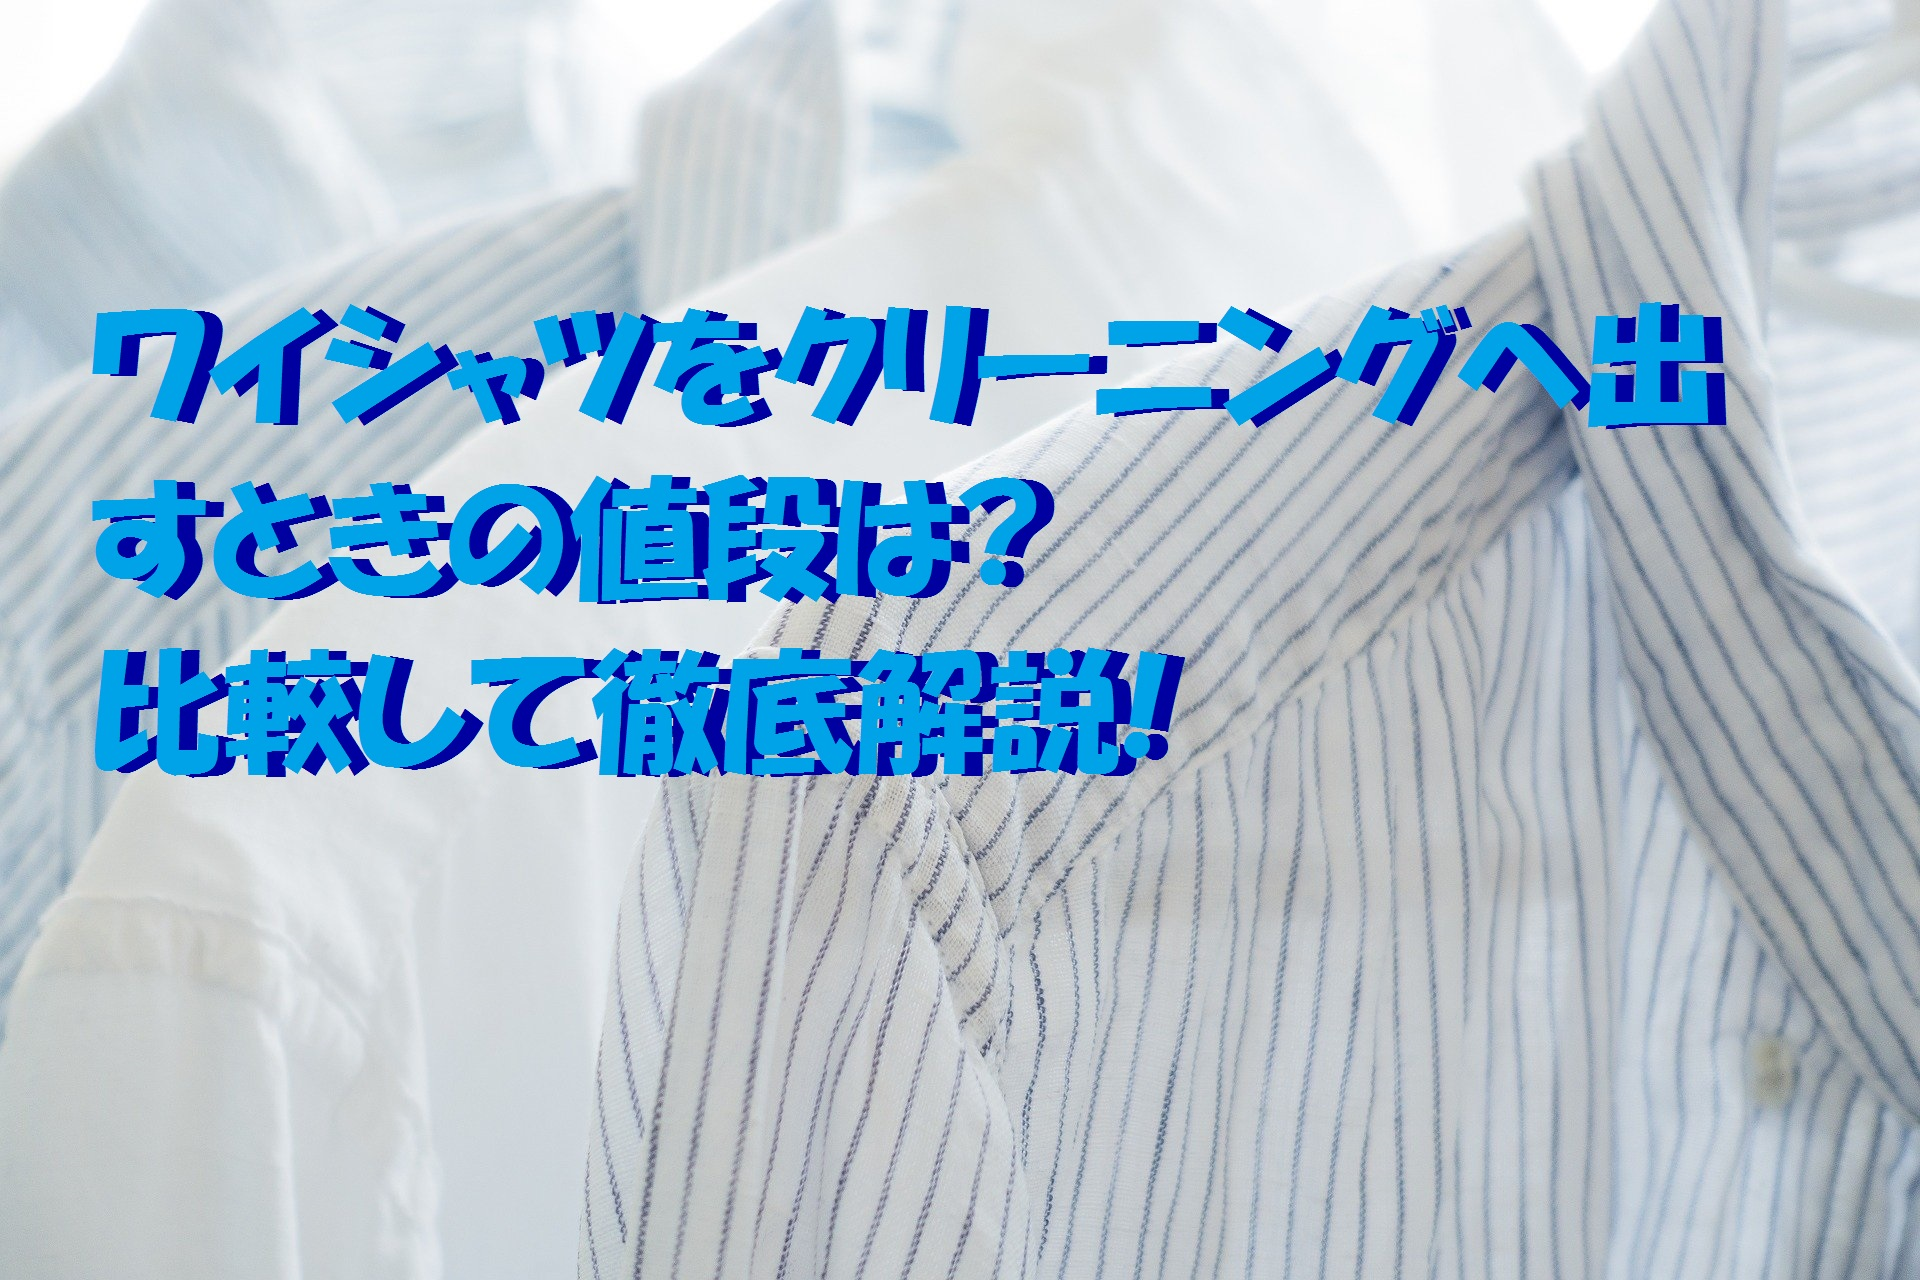 ワイシャツをクリーニングを出すときの値段は?比較して徹底解説!